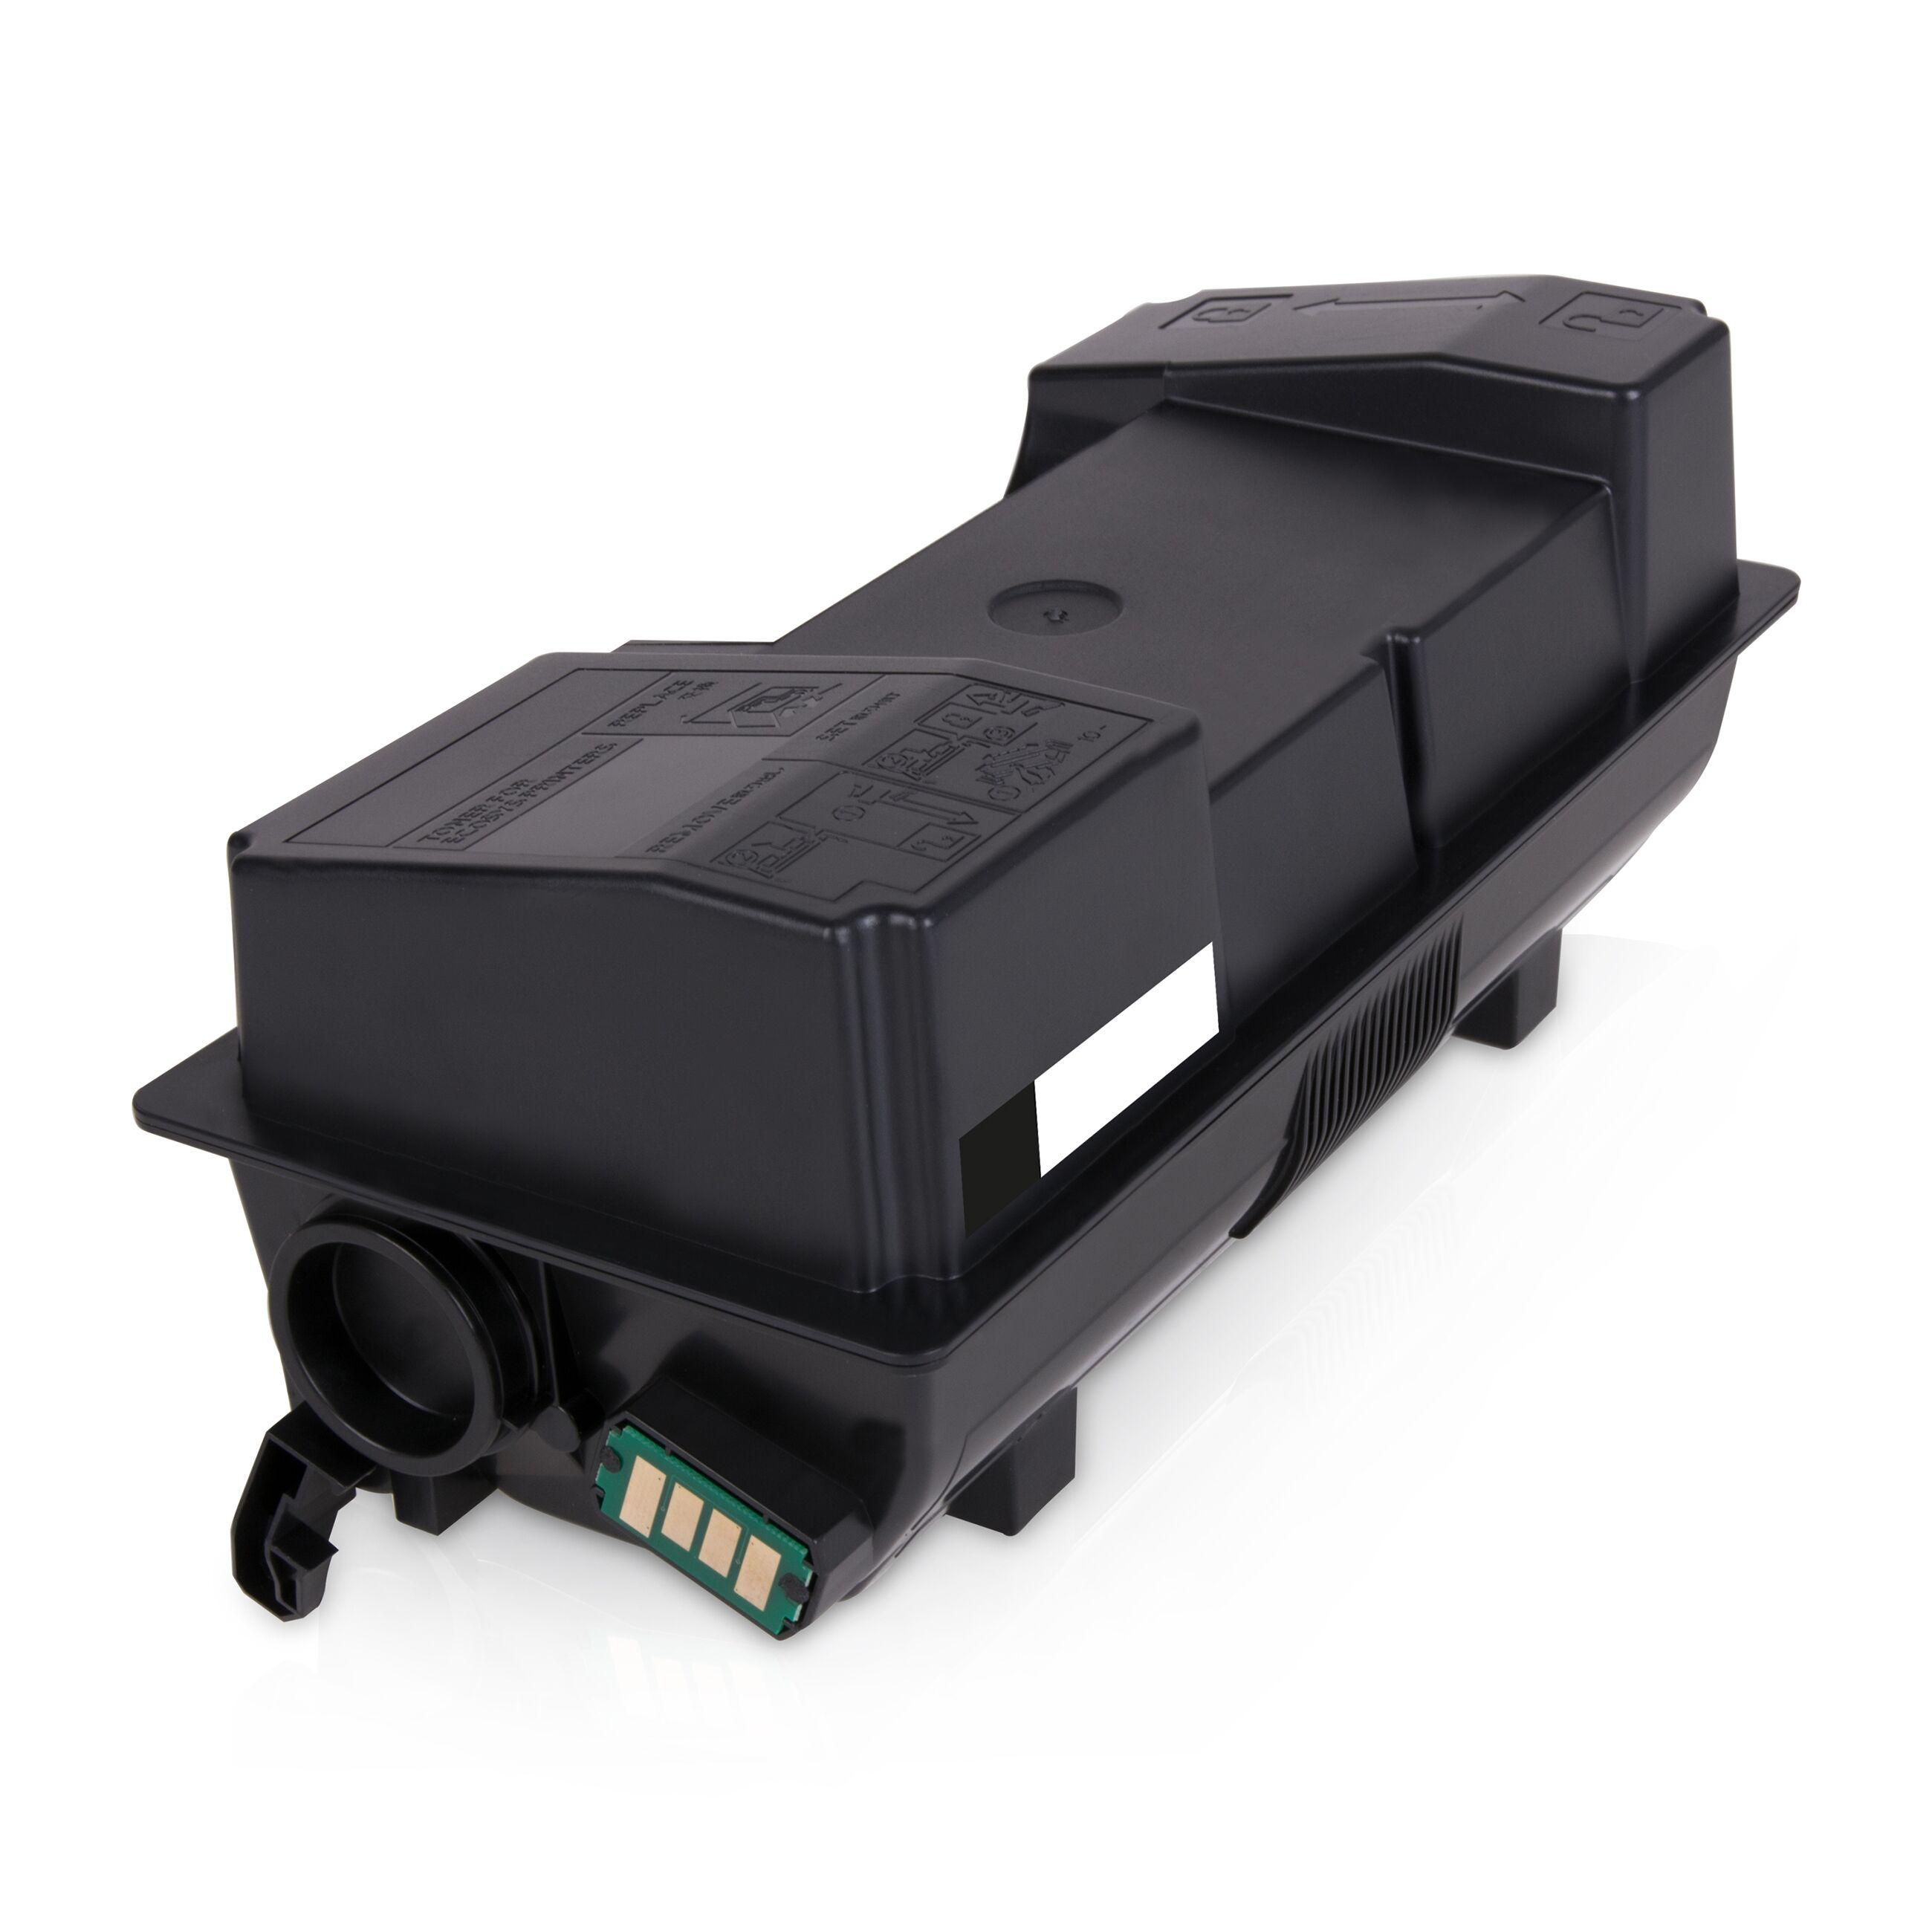 Kyocera Cartouche de Toner pour Kyocera 1T02T60NL0 / TK-3190 noir compatible (de marque ASC)